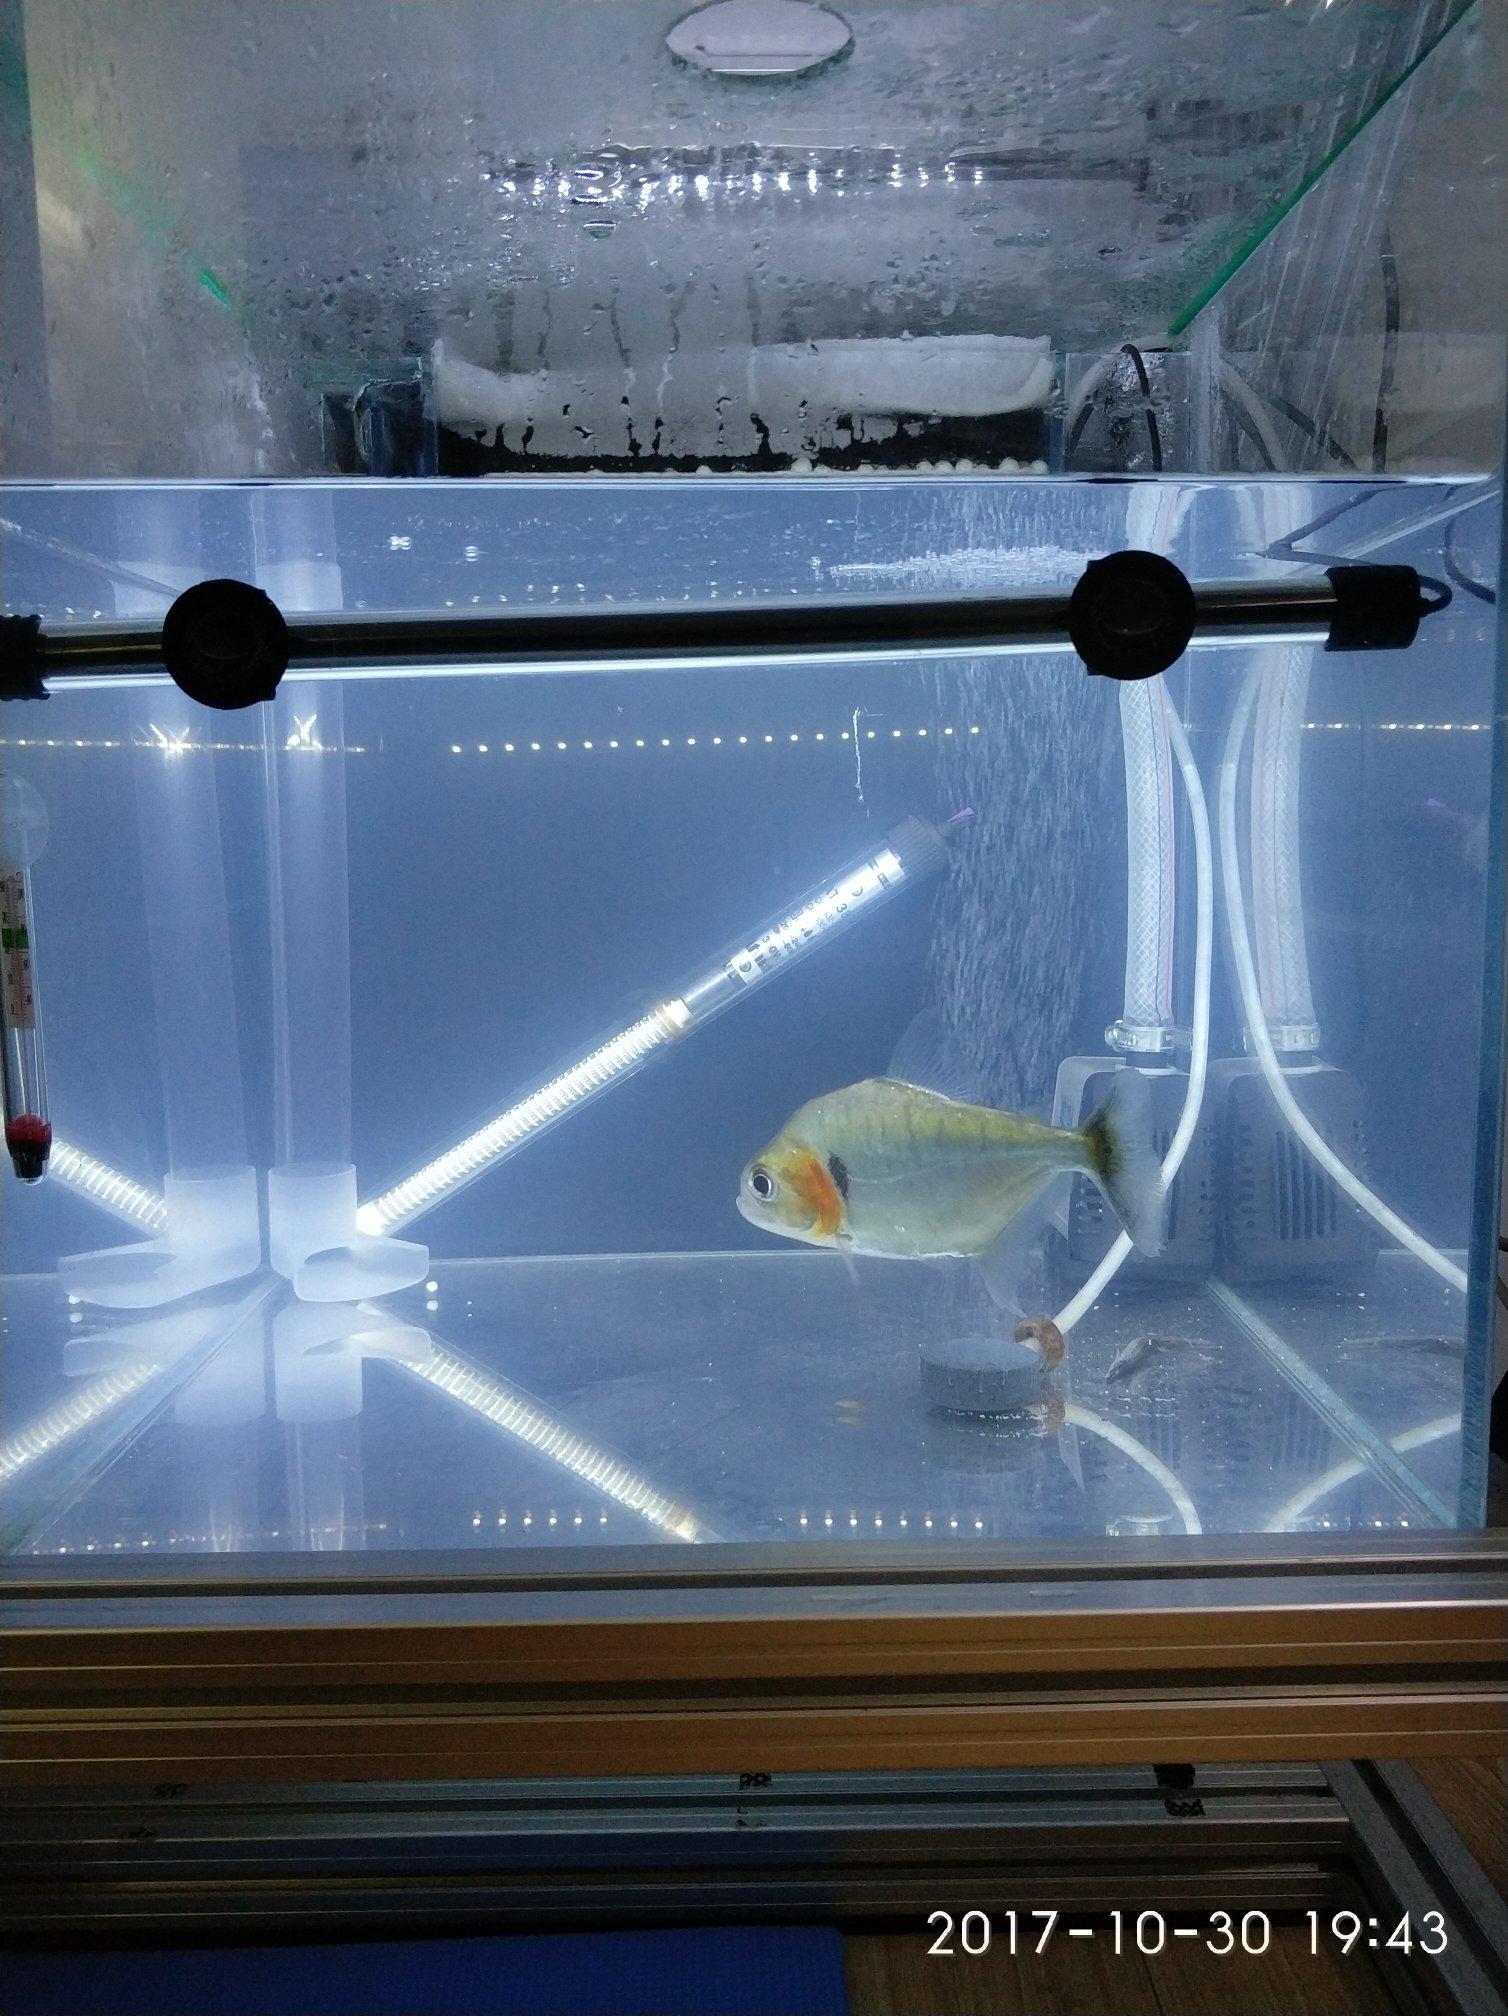 晒晒我的鱼们 西安观赏鱼信息 西安博特第3张